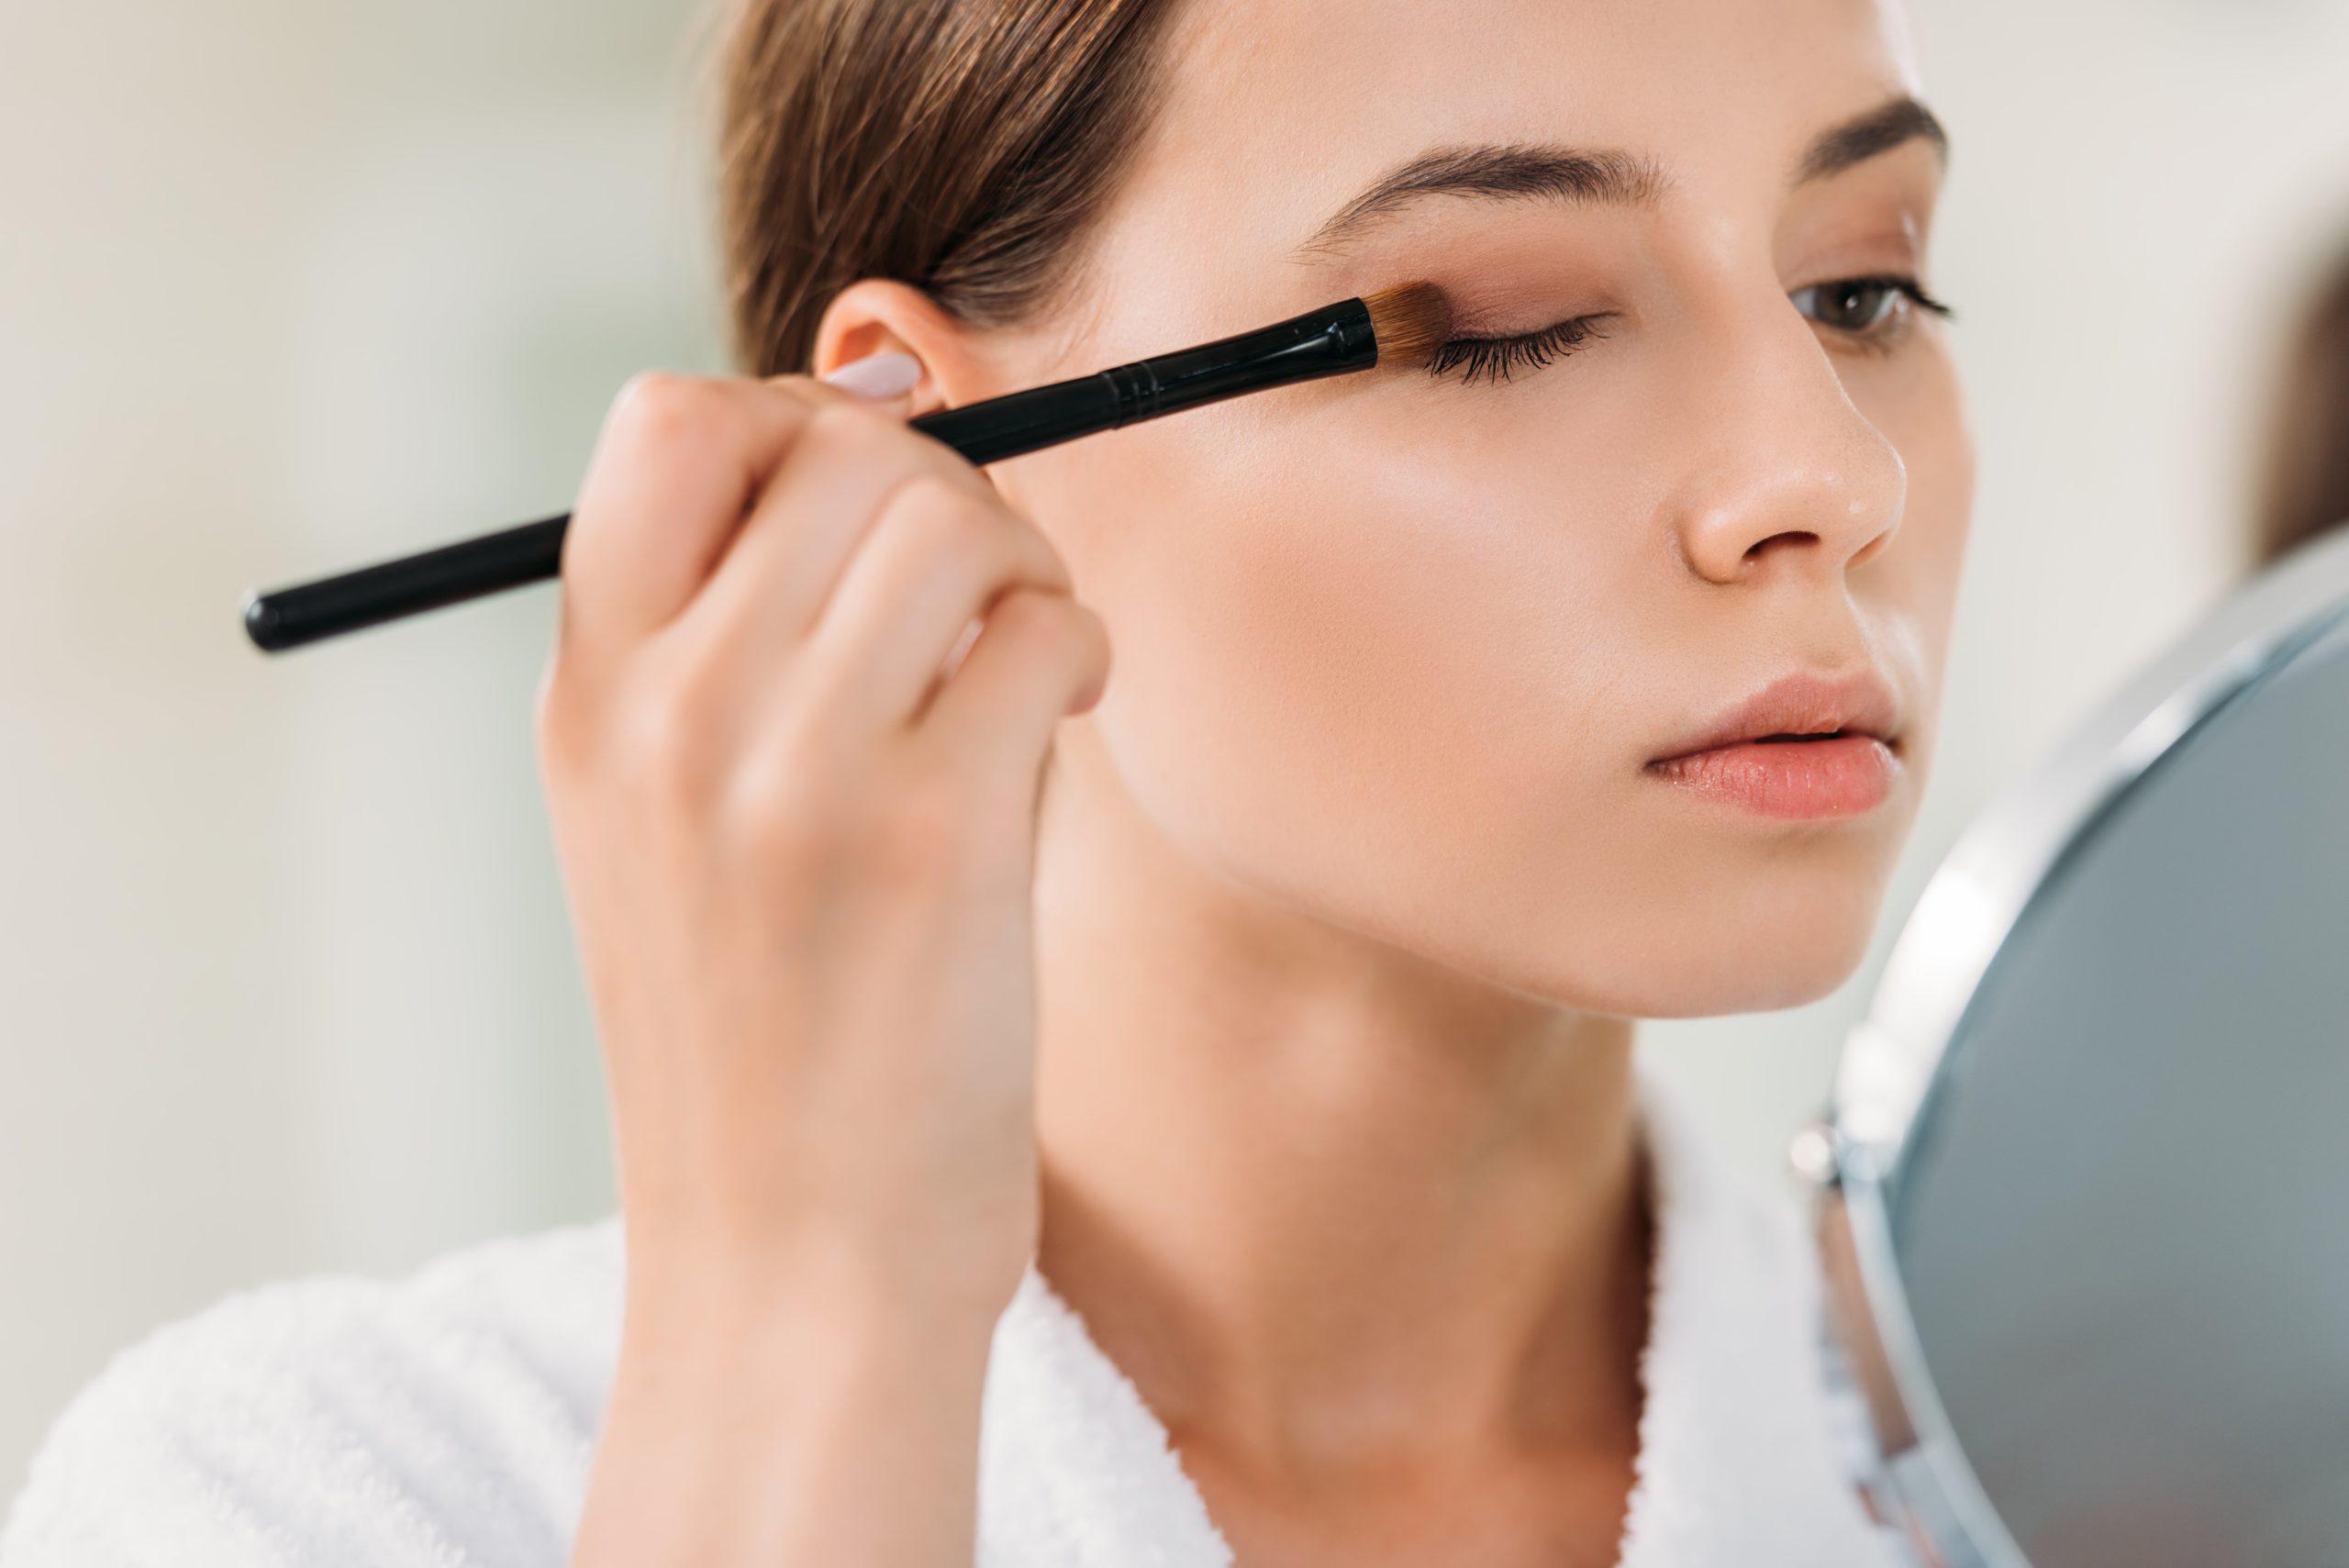 marra savrsen makeup na ocima